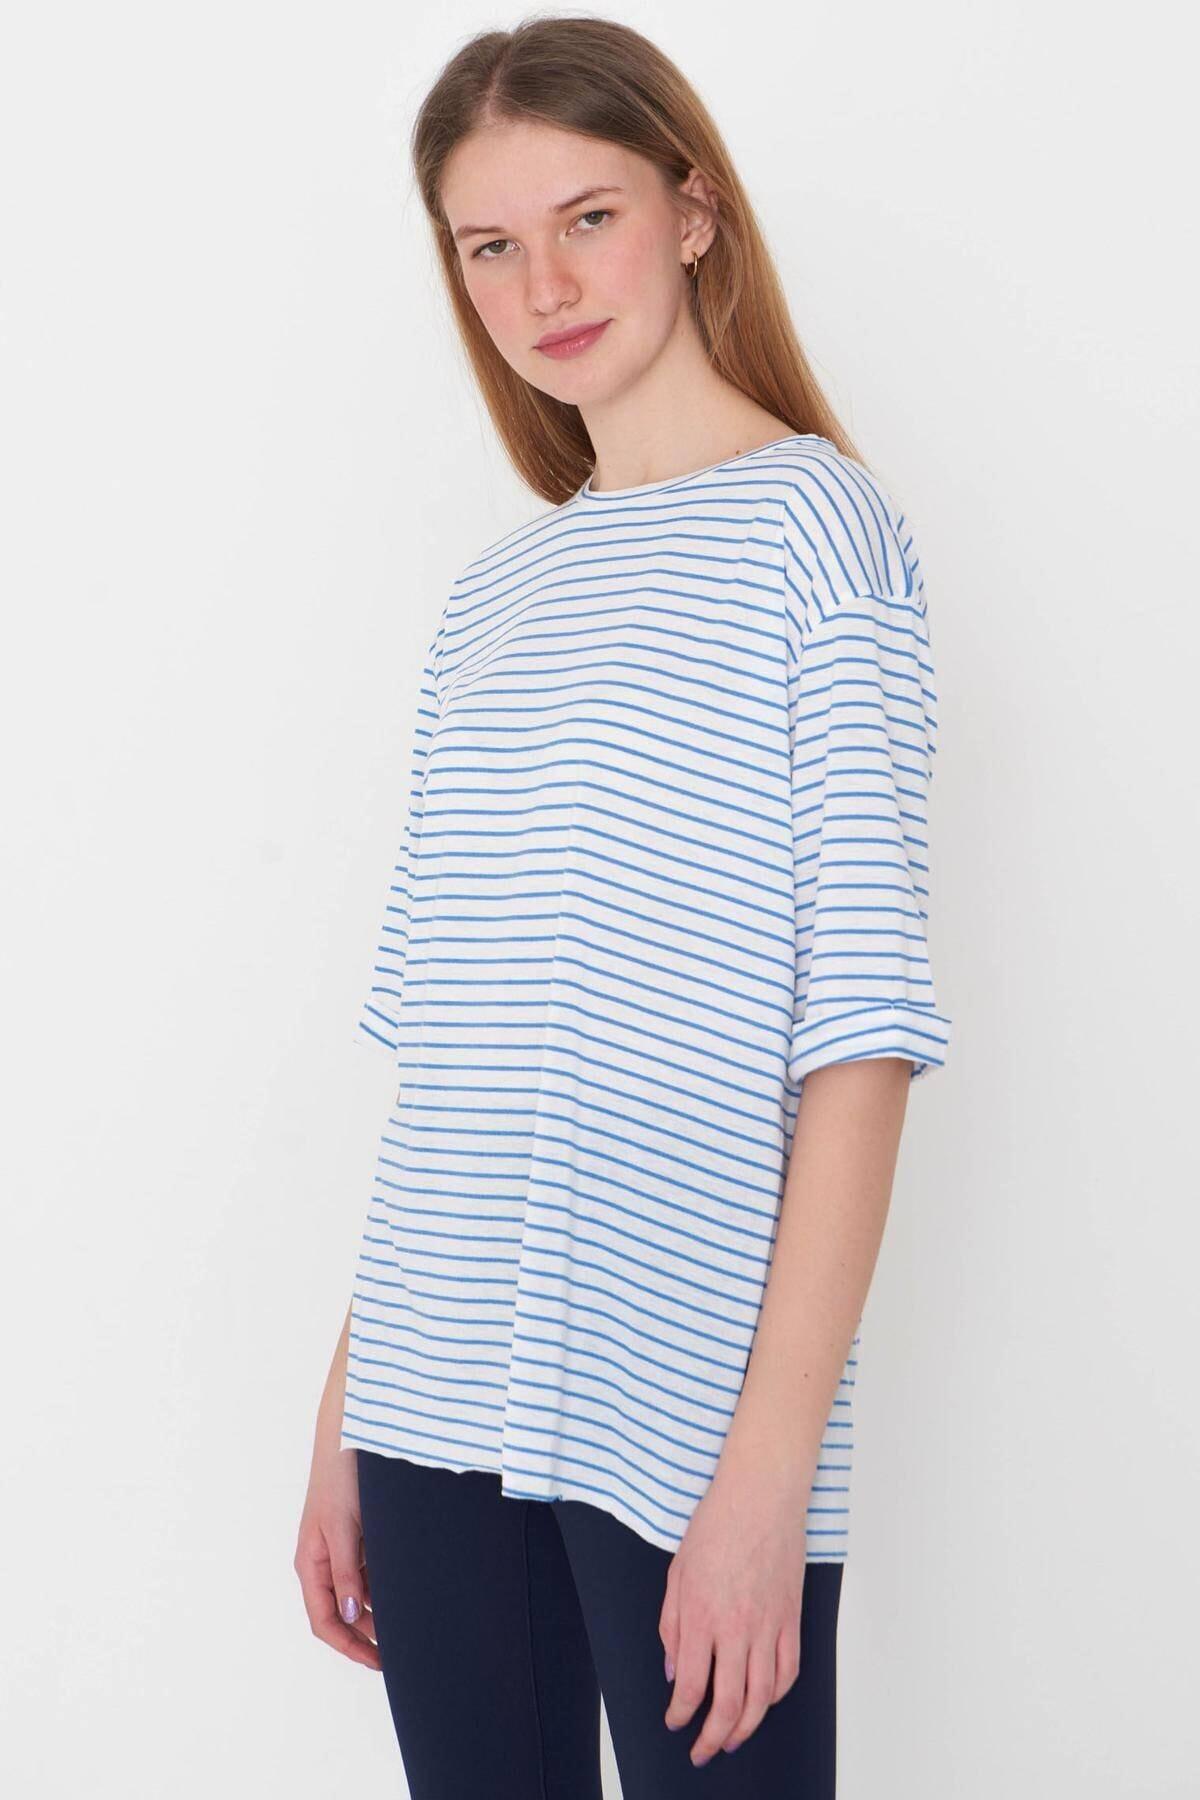 Addax Kadın Saks Mavi Çizgili T-Shirt P6687 - S13 Adx-0000023923 3